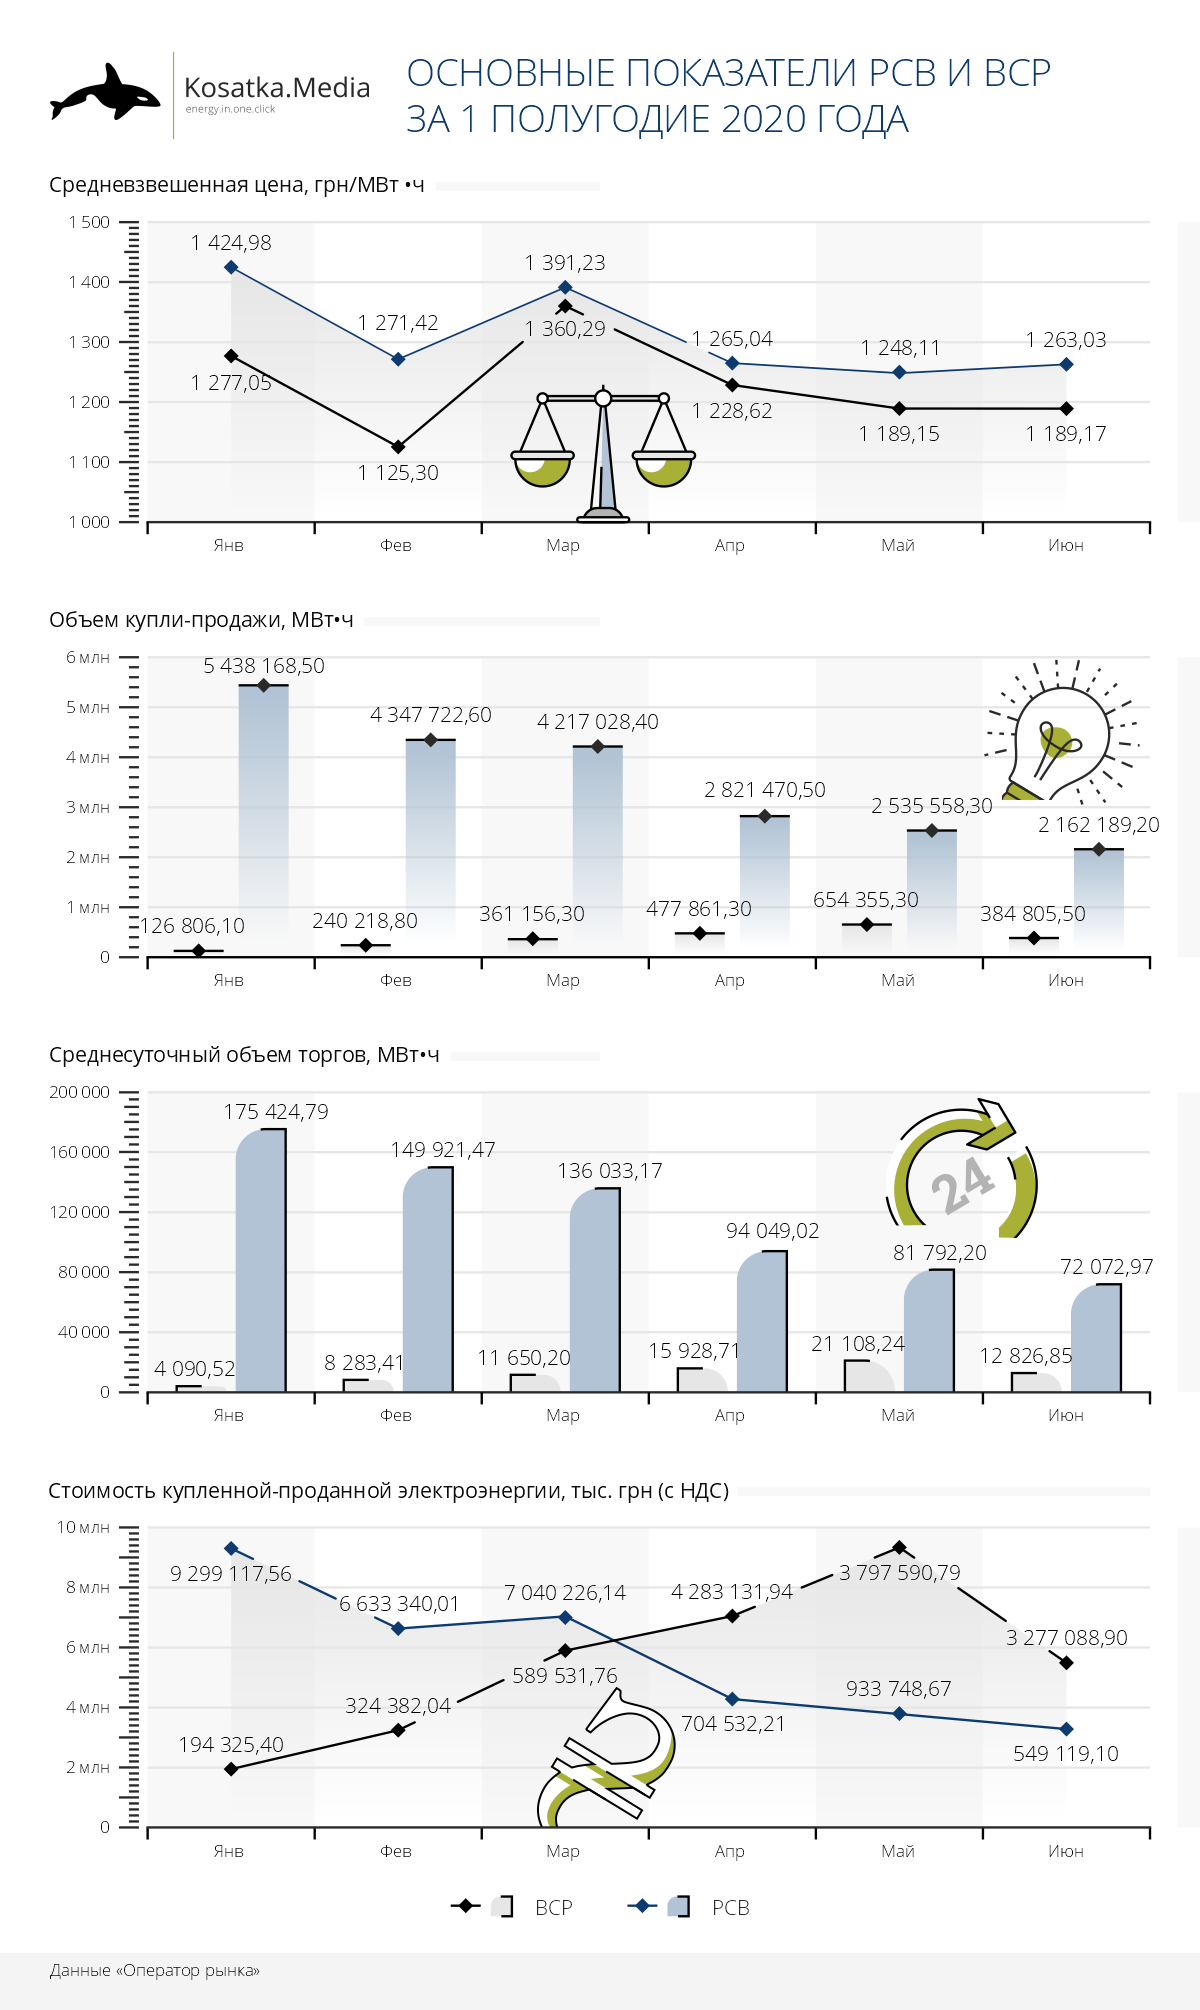 РСВ и ВСР в 1 полугодии 2020: профицит и низкая цена